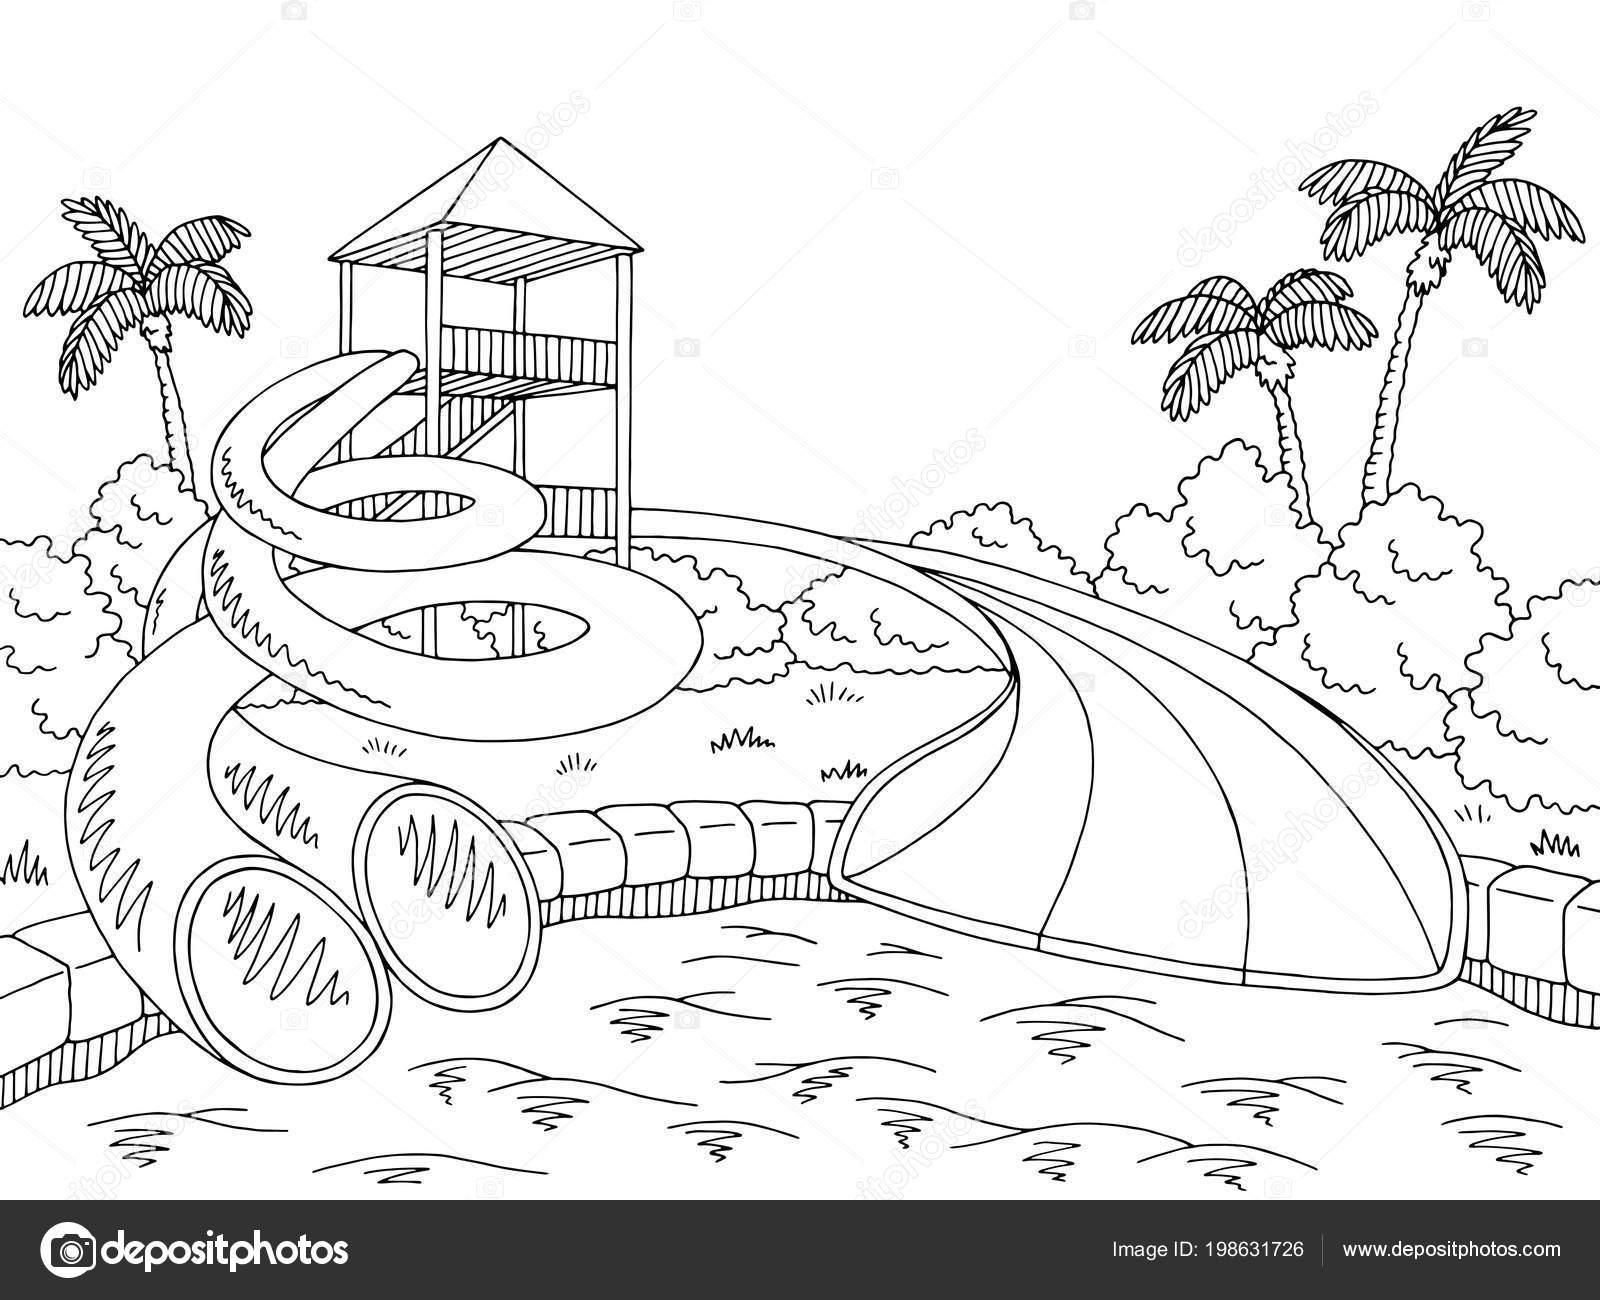 Dibujo Parque Acuático Vector Ilustración Gráfica Dibujo